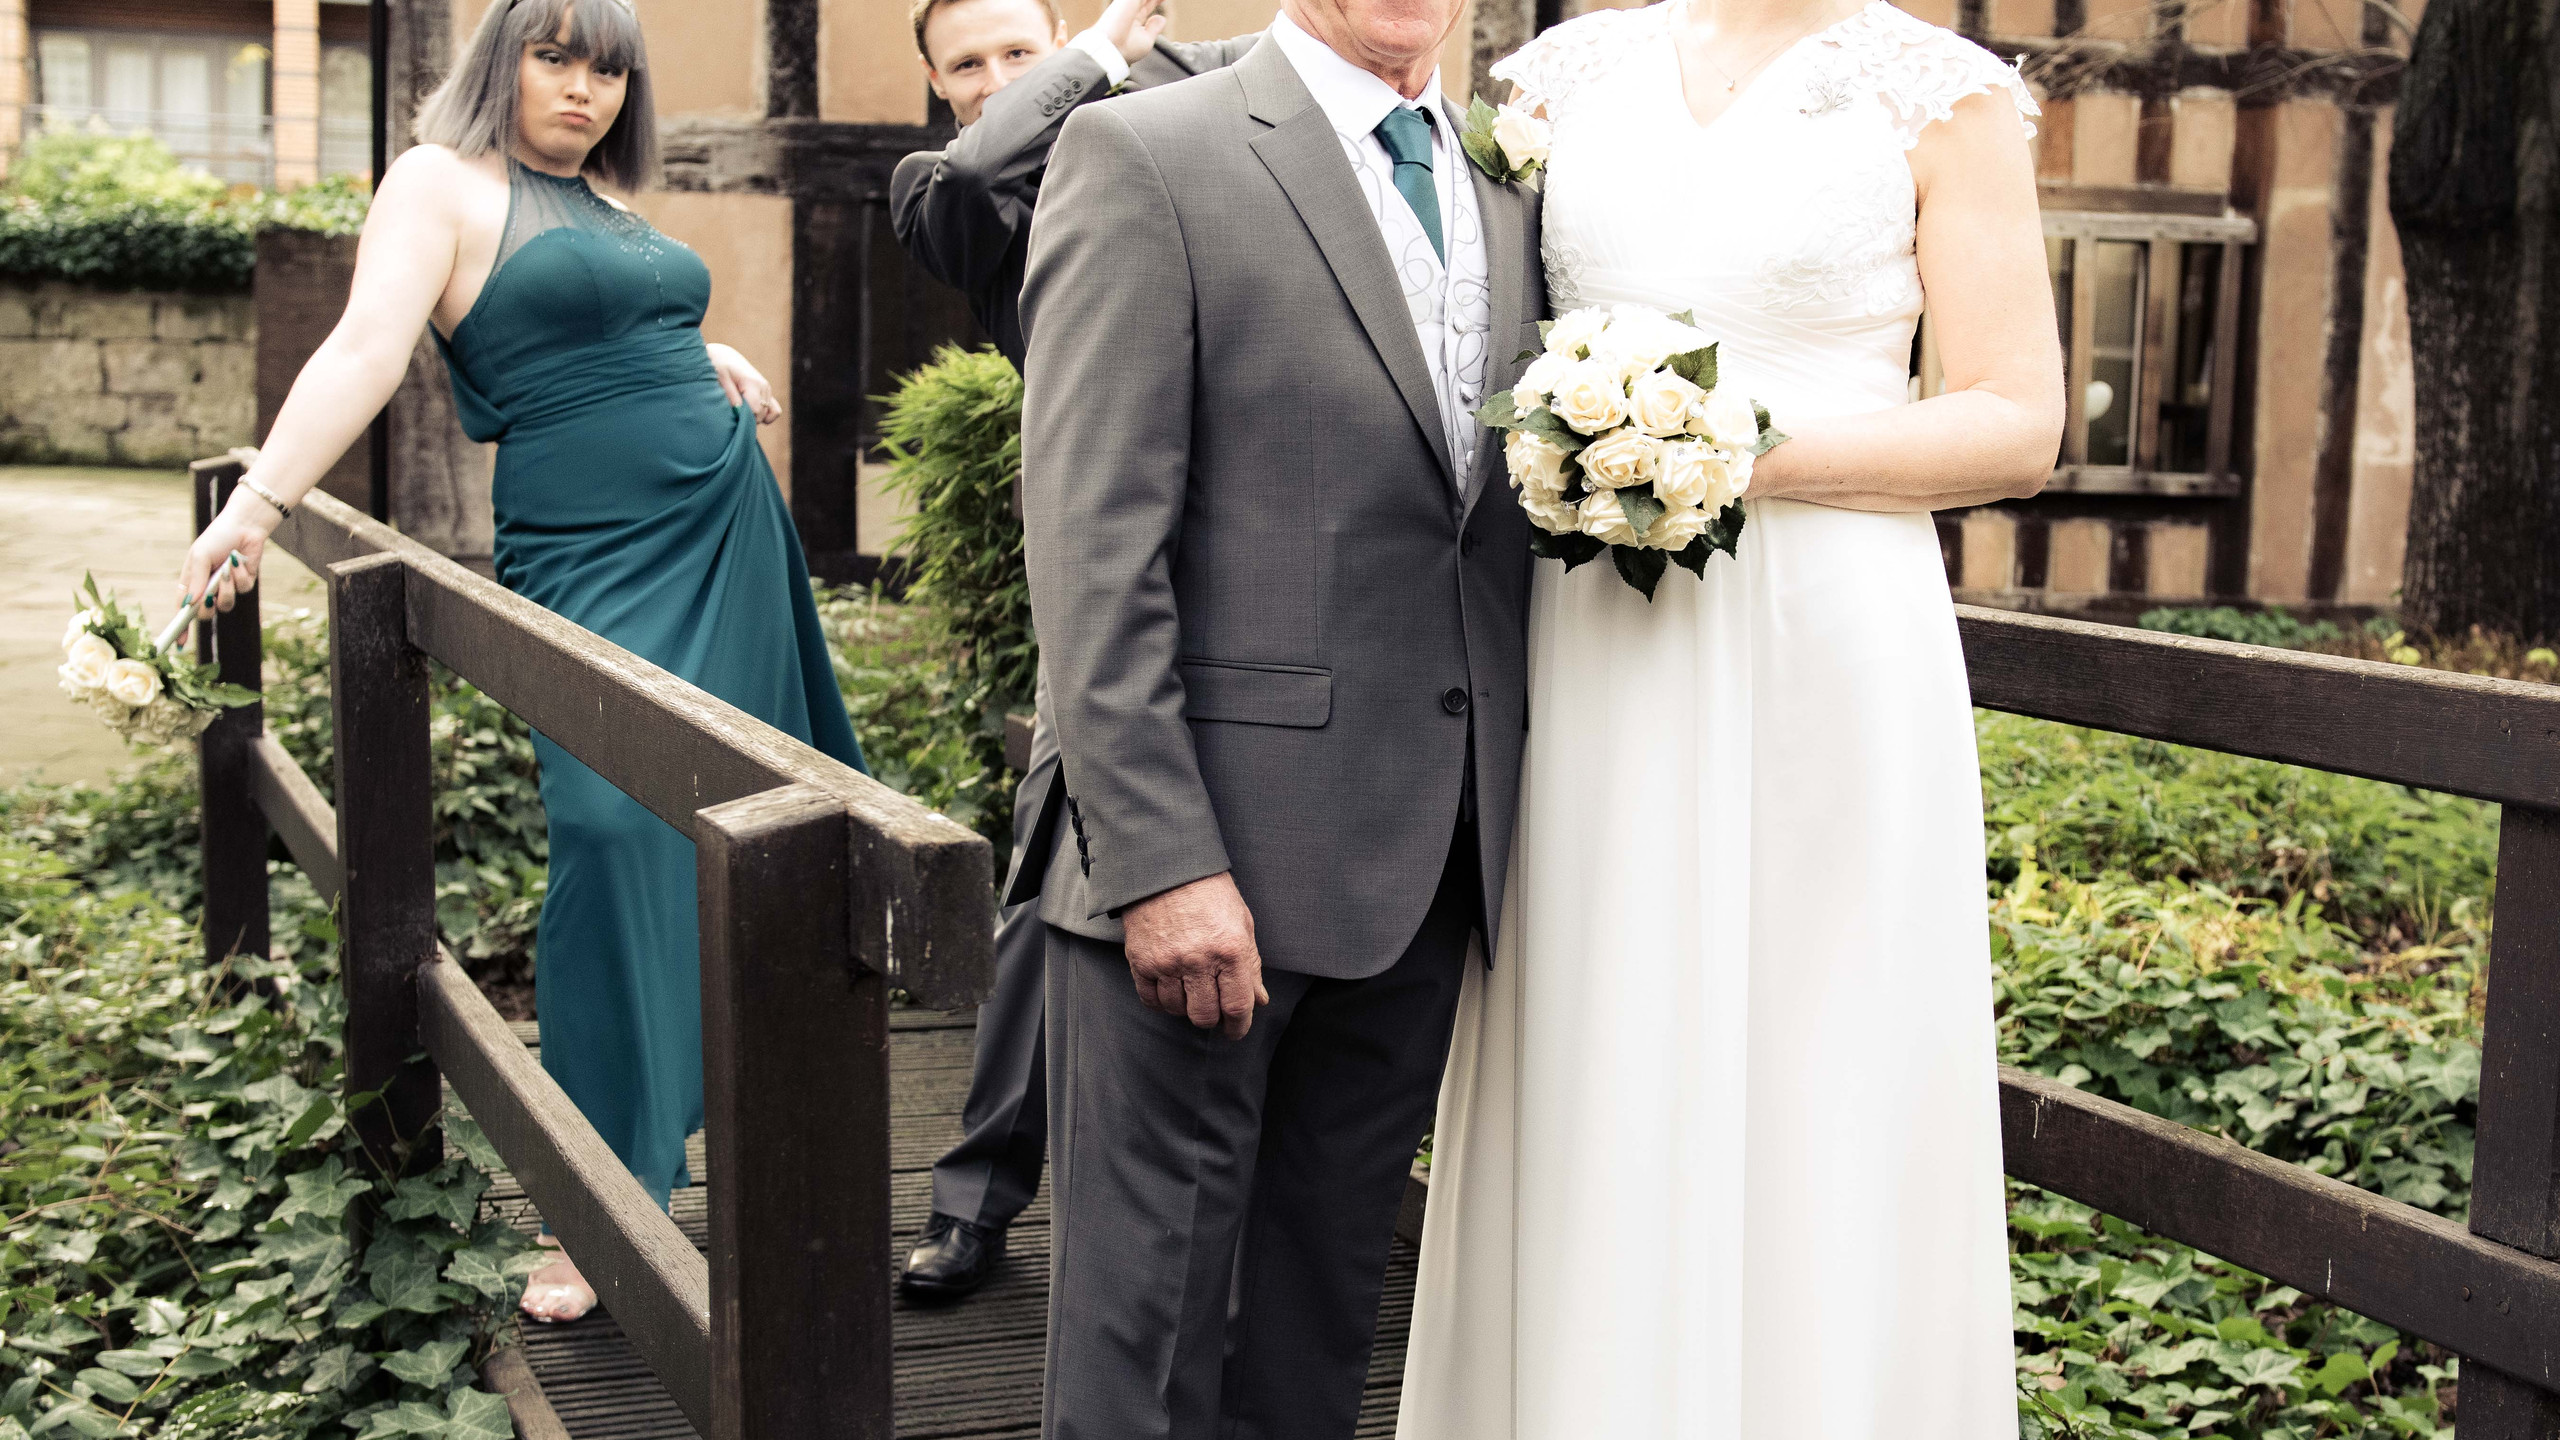 009 Wedding Photography